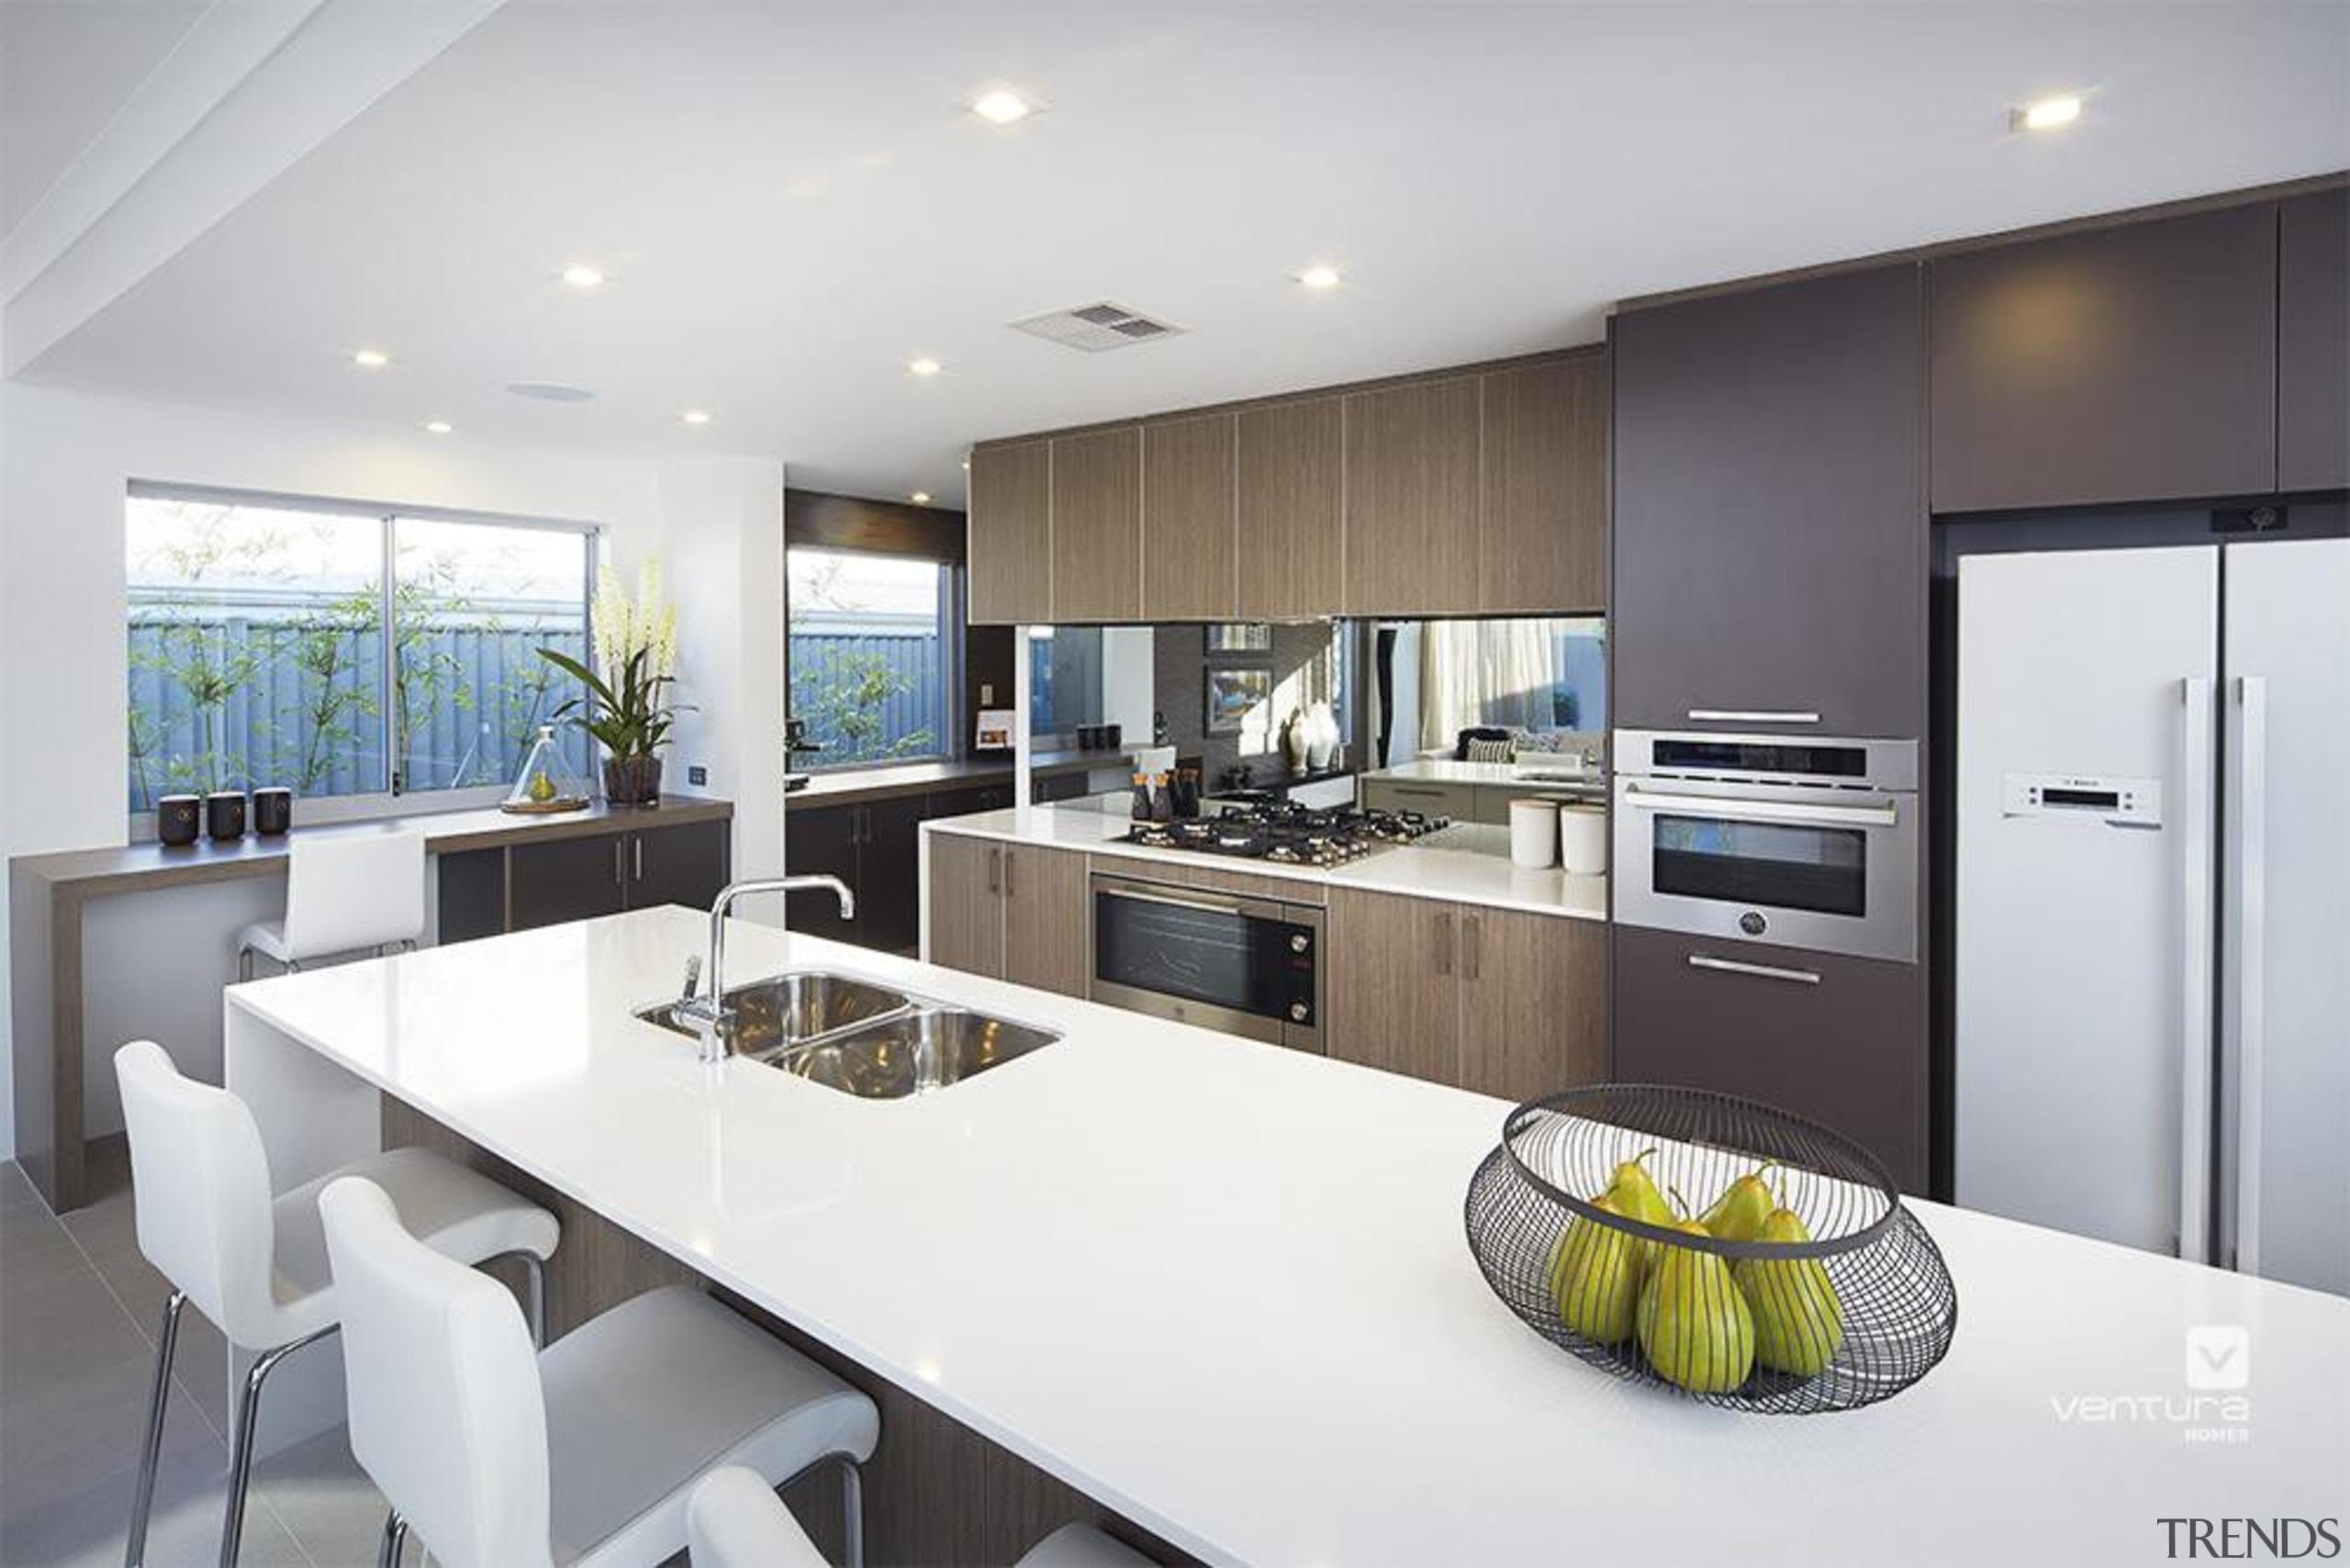 Kitchen design. - The Lexington Two Storey Display countertop, interior design, kitchen, real estate, gray, white